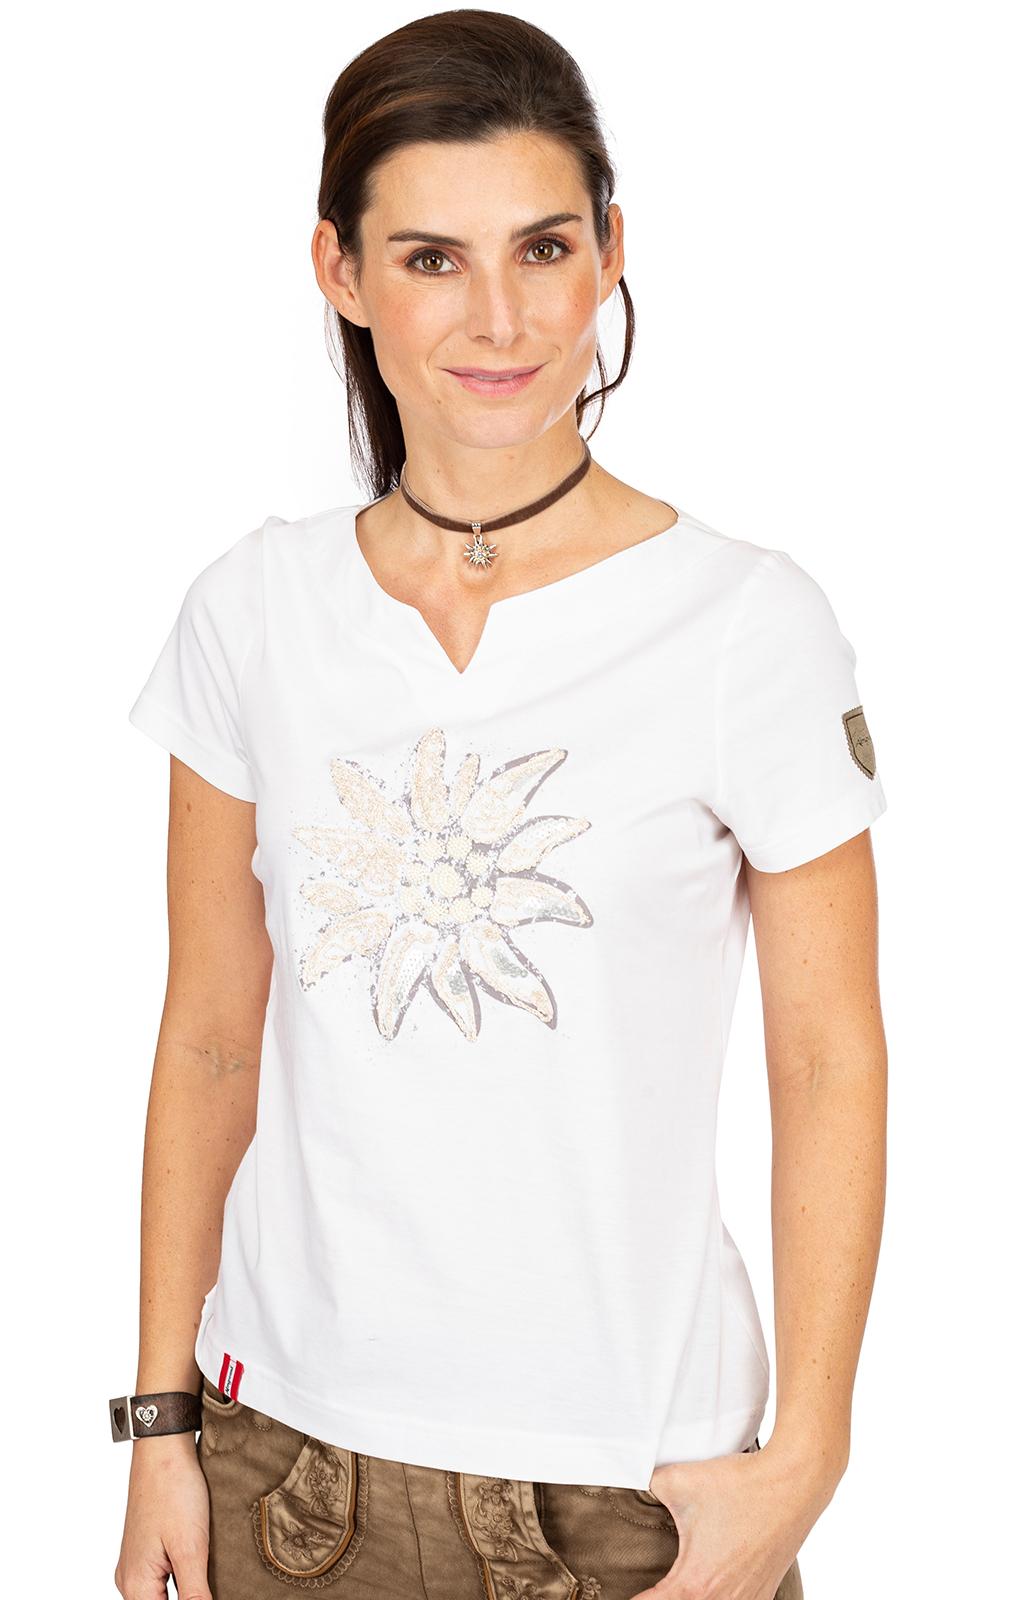 T-Shirt STRASSERALM white von Almgwand